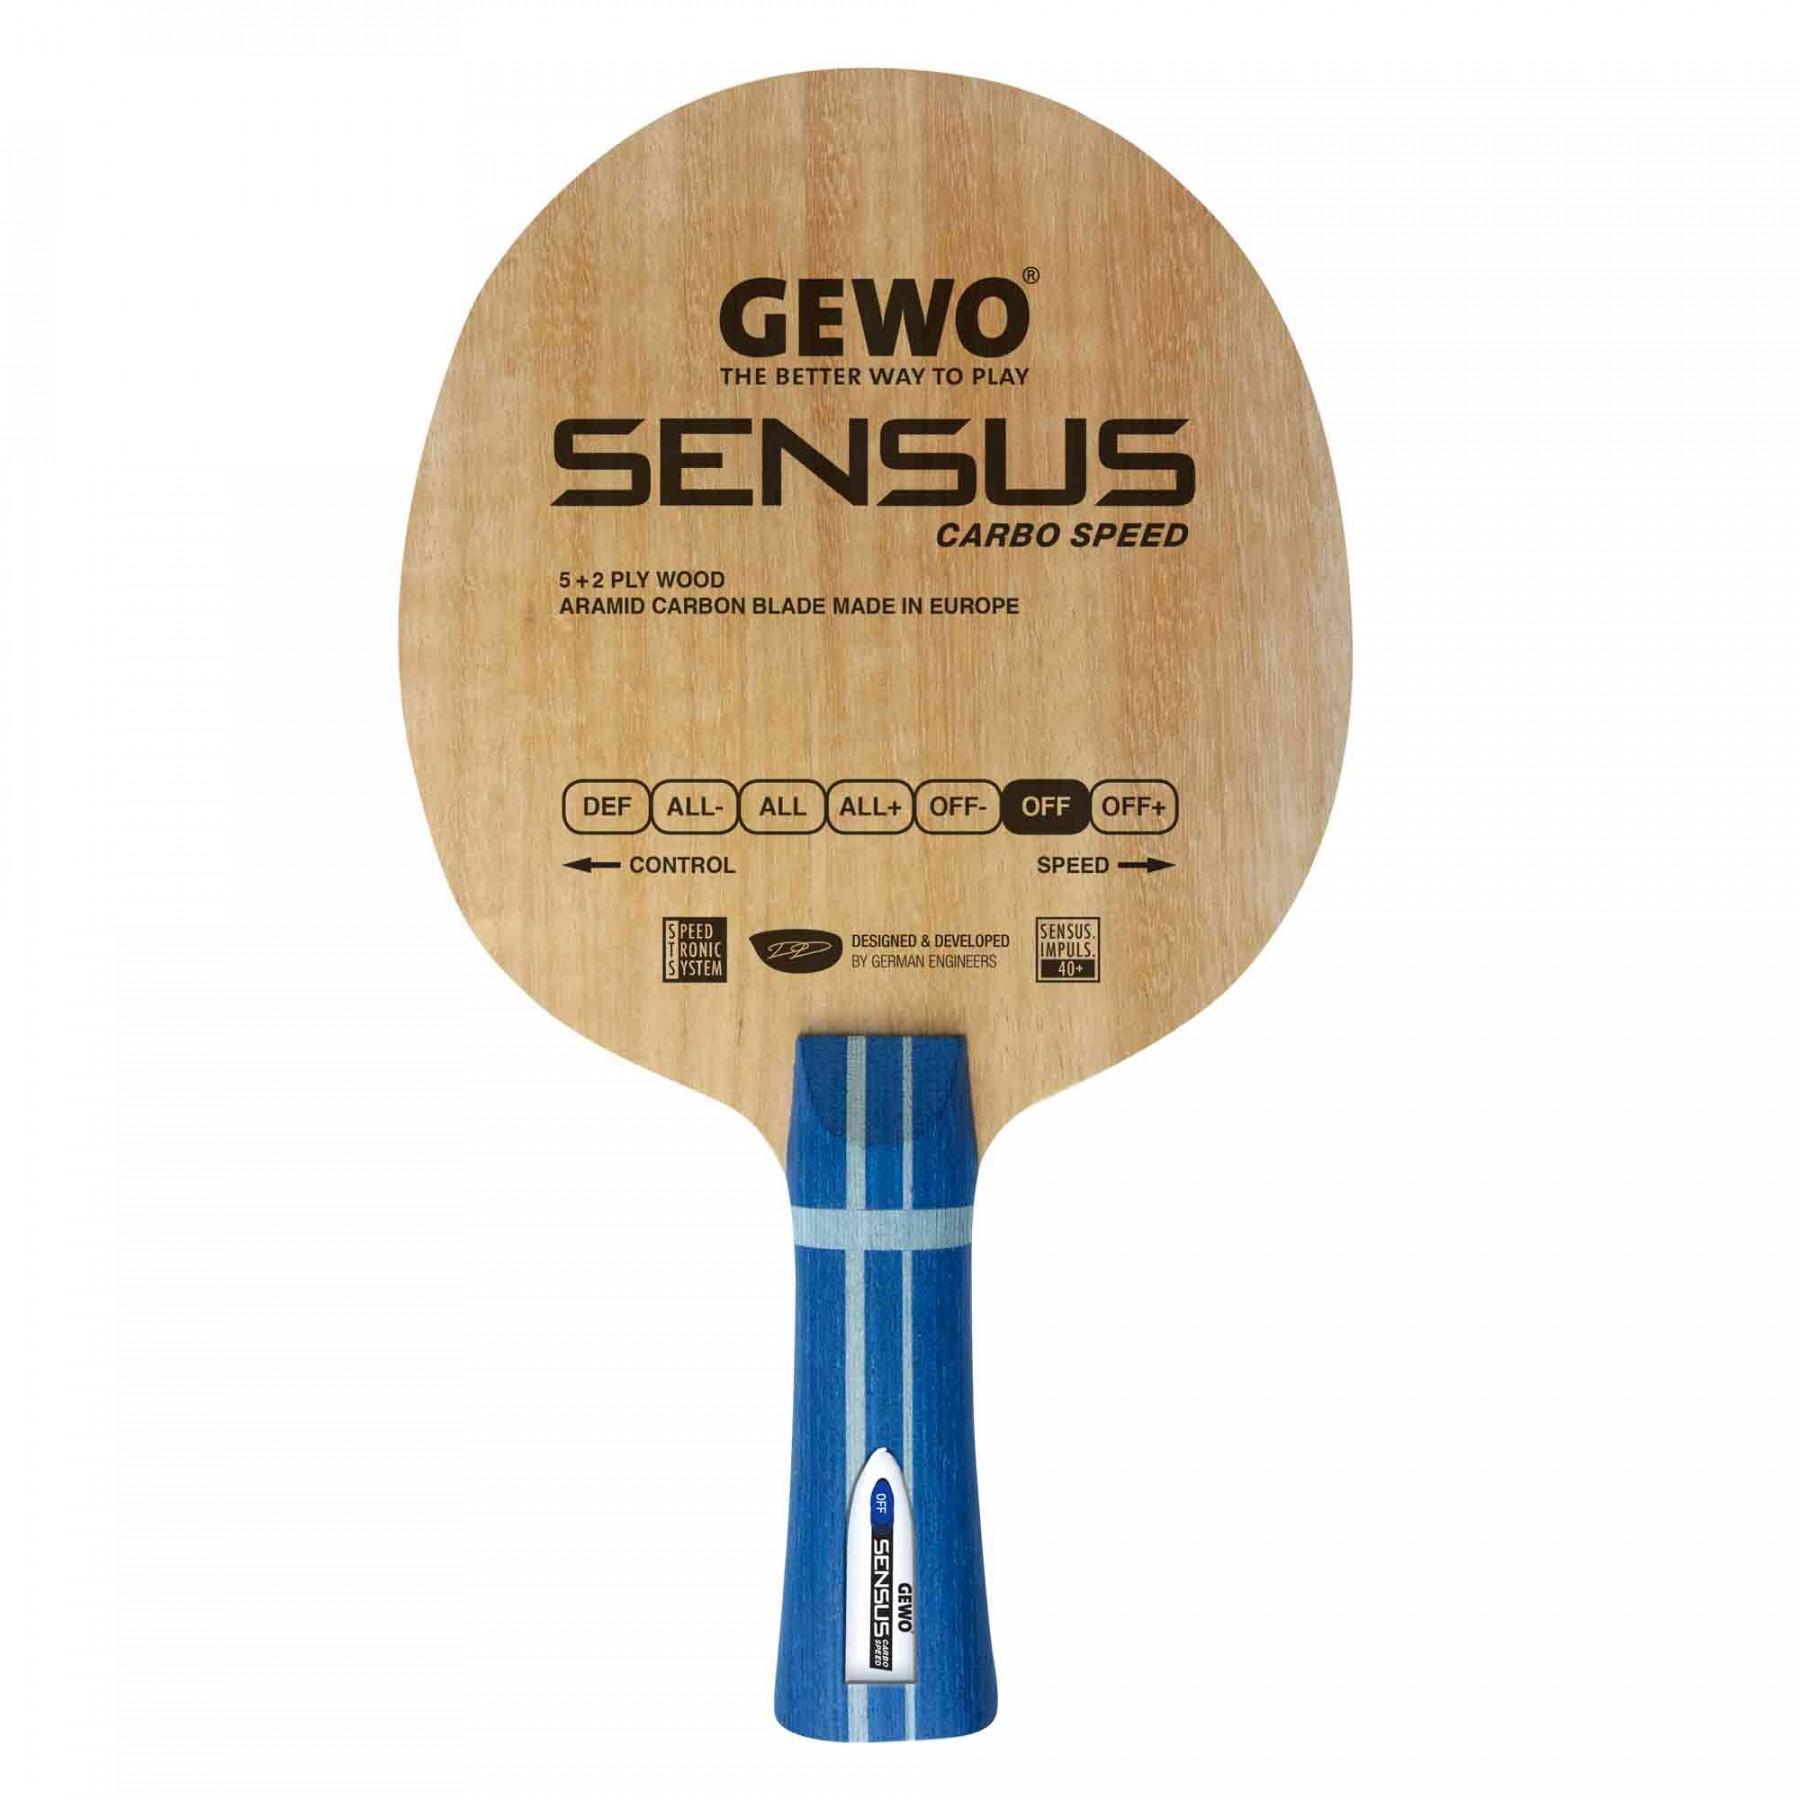 Gewo Sensus Carbo Speed Table Tennis Blade